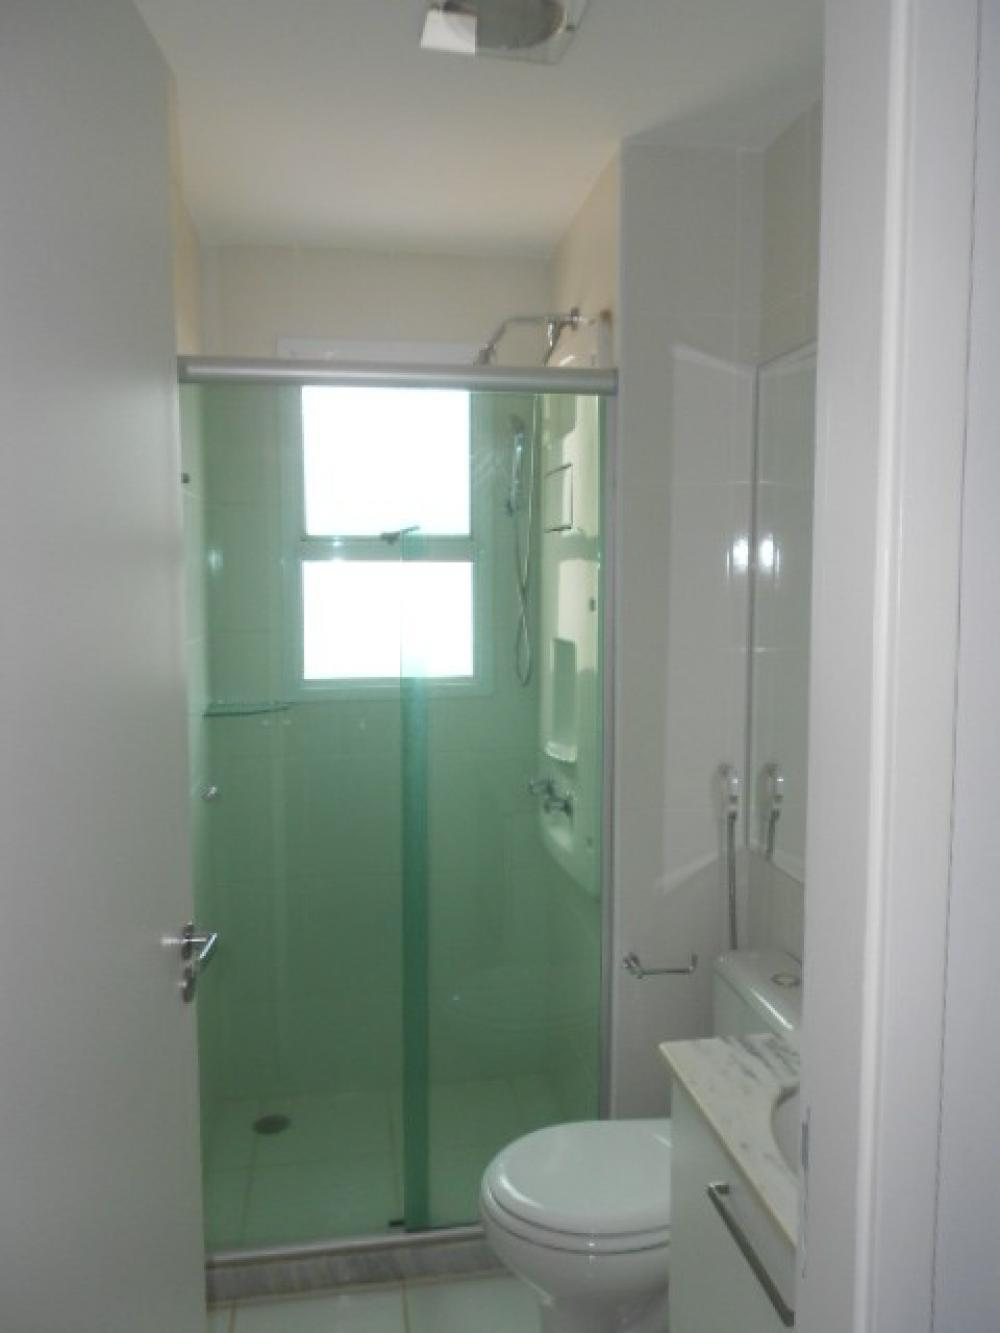 Comprar Apartamento / Padrão em Ribeirão Preto apenas R$ 370.000,00 - Foto 6